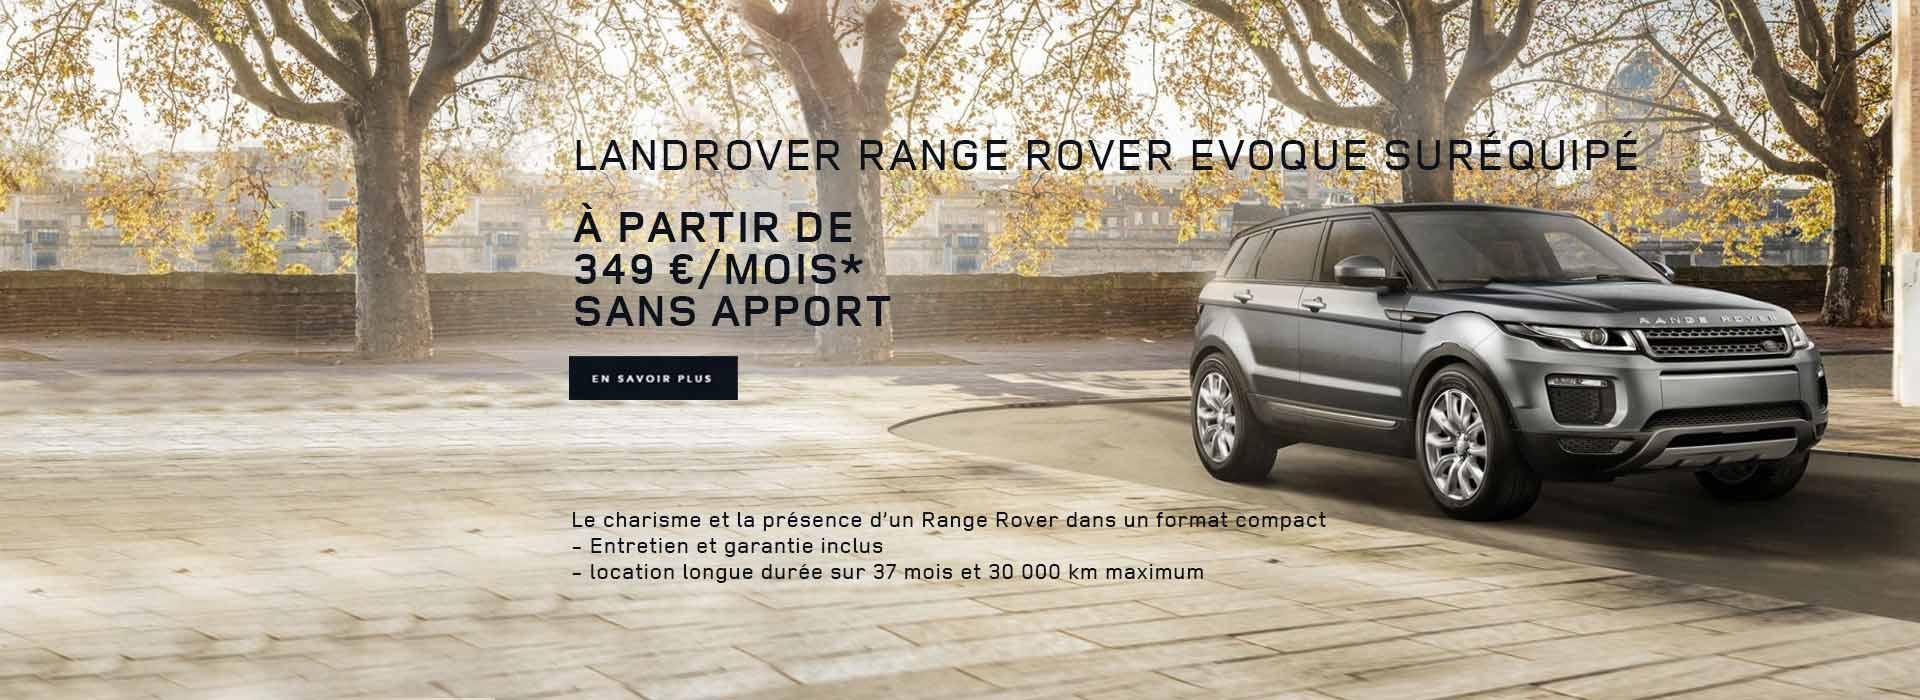 land rover paris concessionnaire garage paris 75. Black Bedroom Furniture Sets. Home Design Ideas